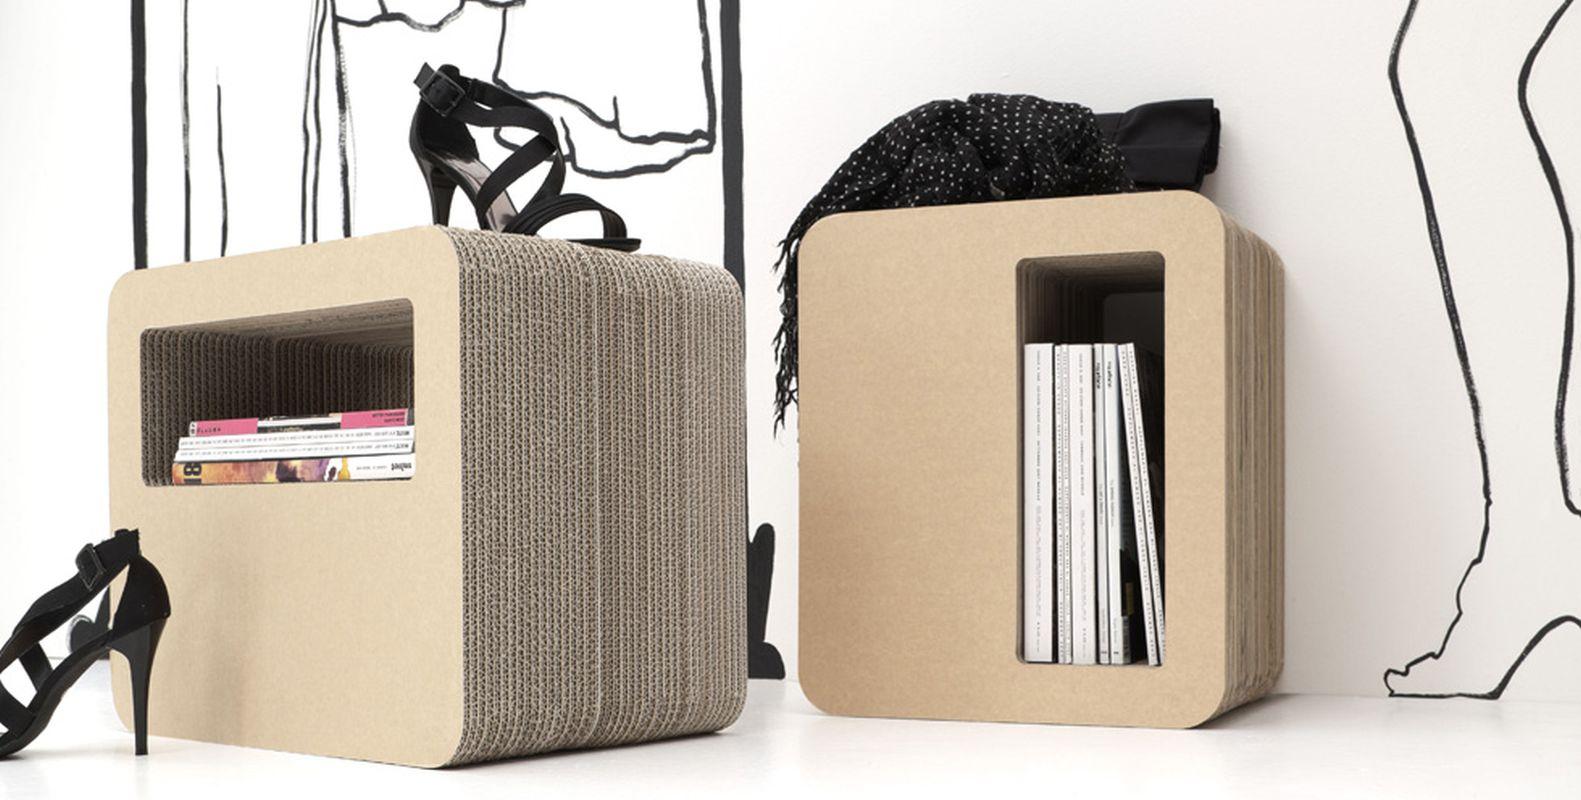 Foto mobili kshop in cartone ondulato velvet style - Mobili in cartone design ...